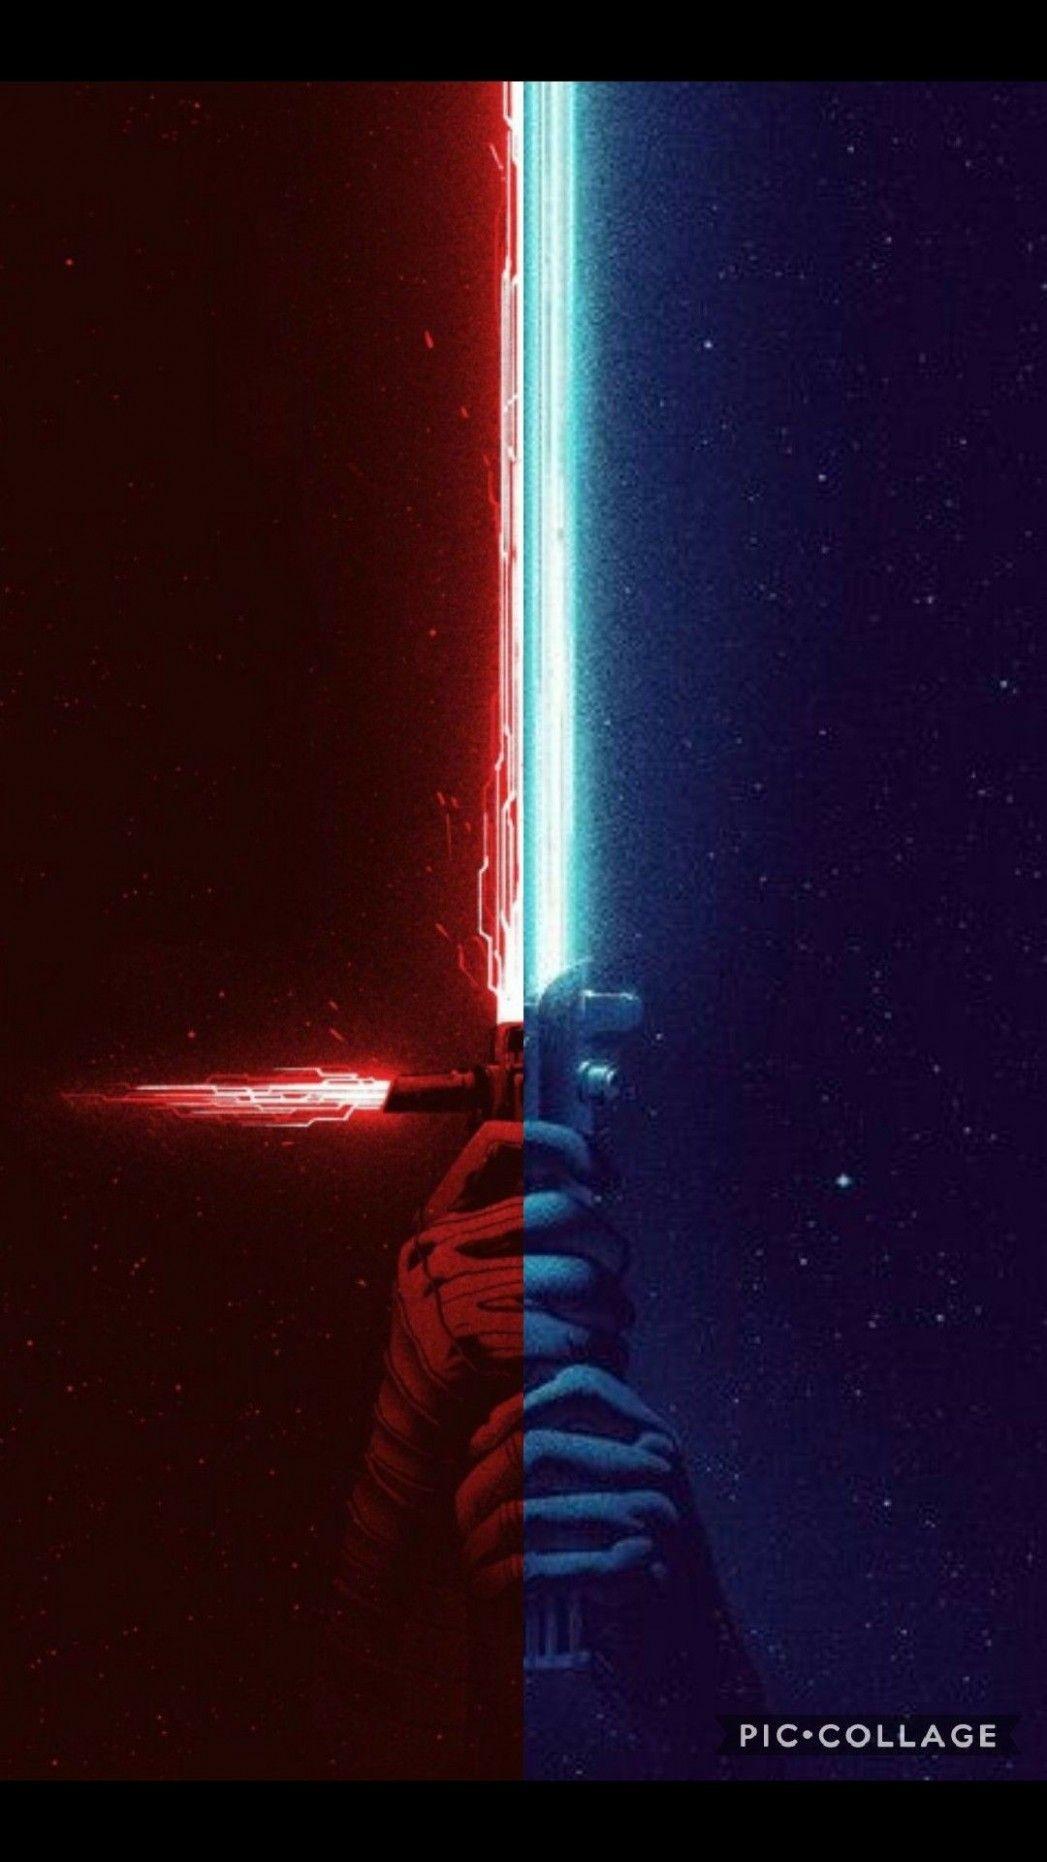 Free Download Blue Lightsaber Wallpaper 12 Background Star Wars Pictures Star Wars Images Star Wars Poster